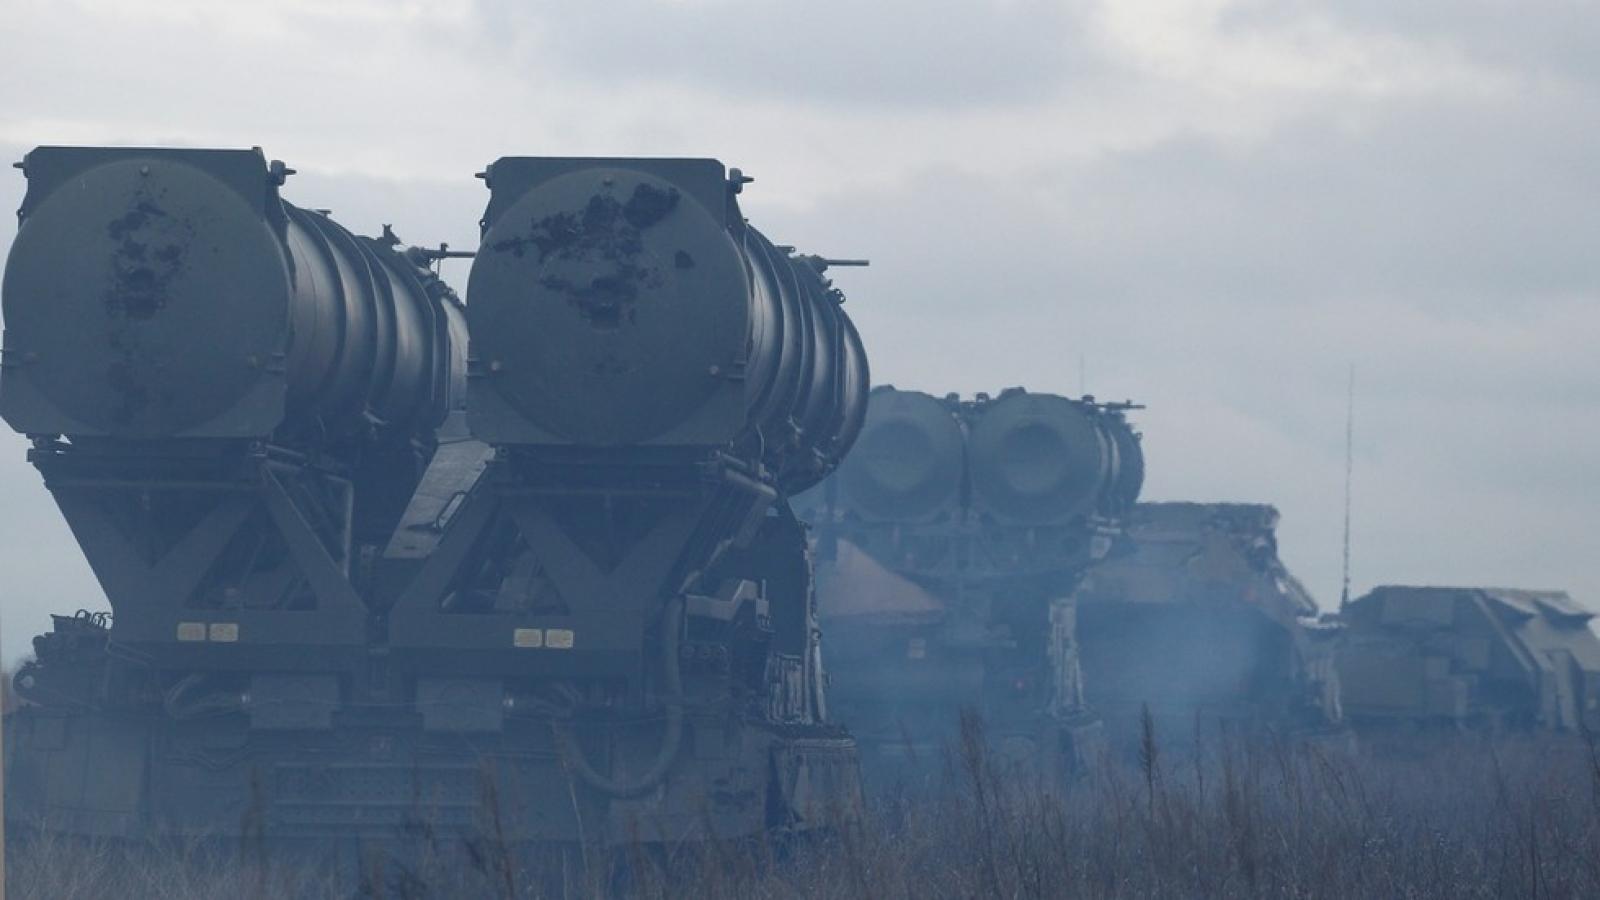 Nga đưa S-300V4 vào hoạt động ở quần đảo Kuril